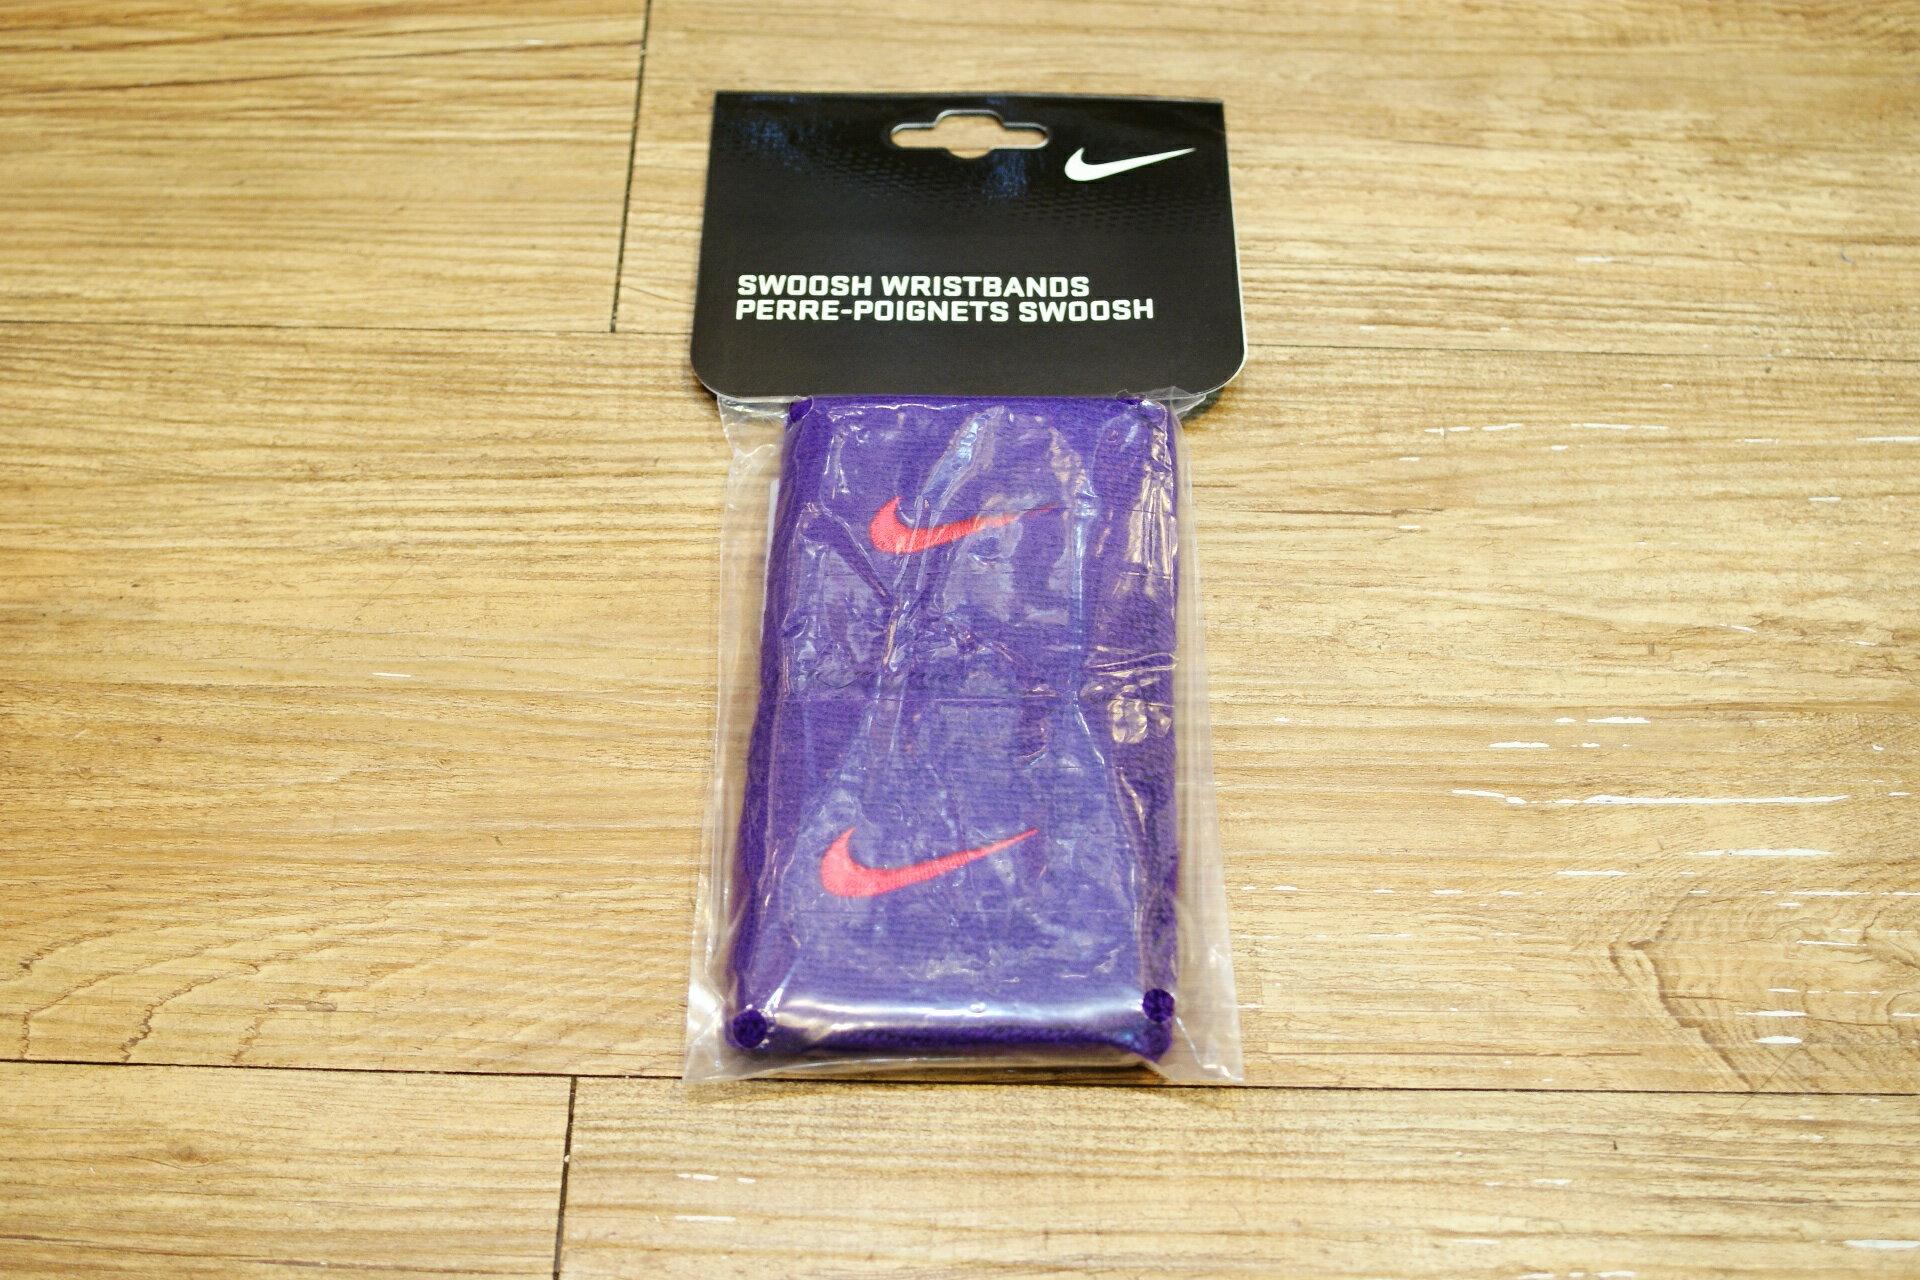 棒球世界全新NIKE短護腕雙入 特價 紫色